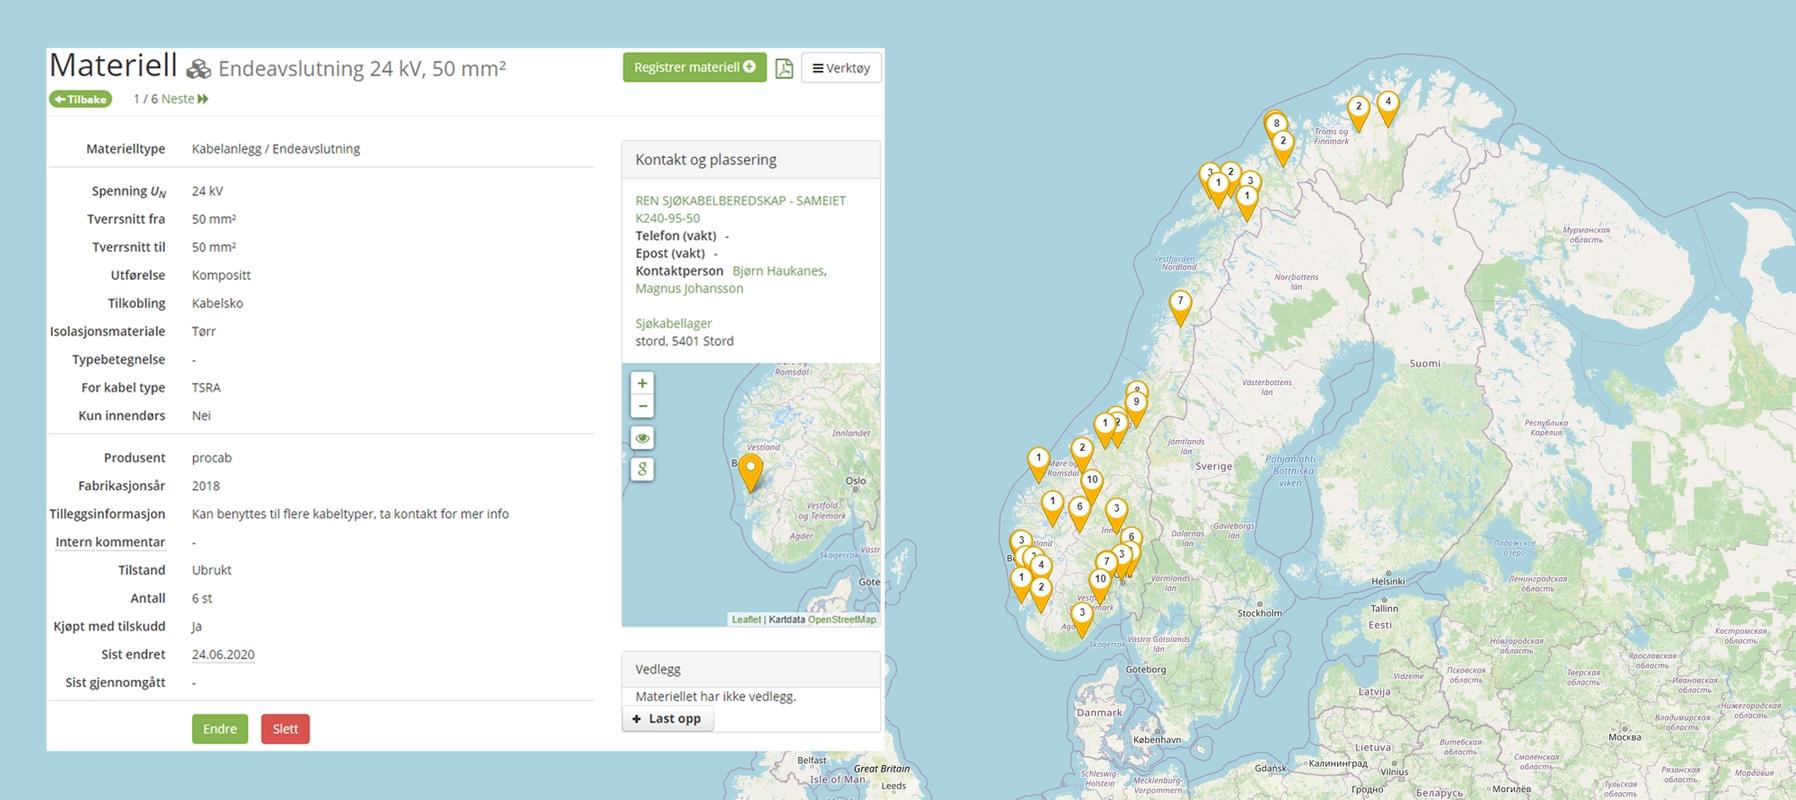 Skjermbilde som viser materielldetaljer og kart som viser geografisk fordeling av eksempelmateriell